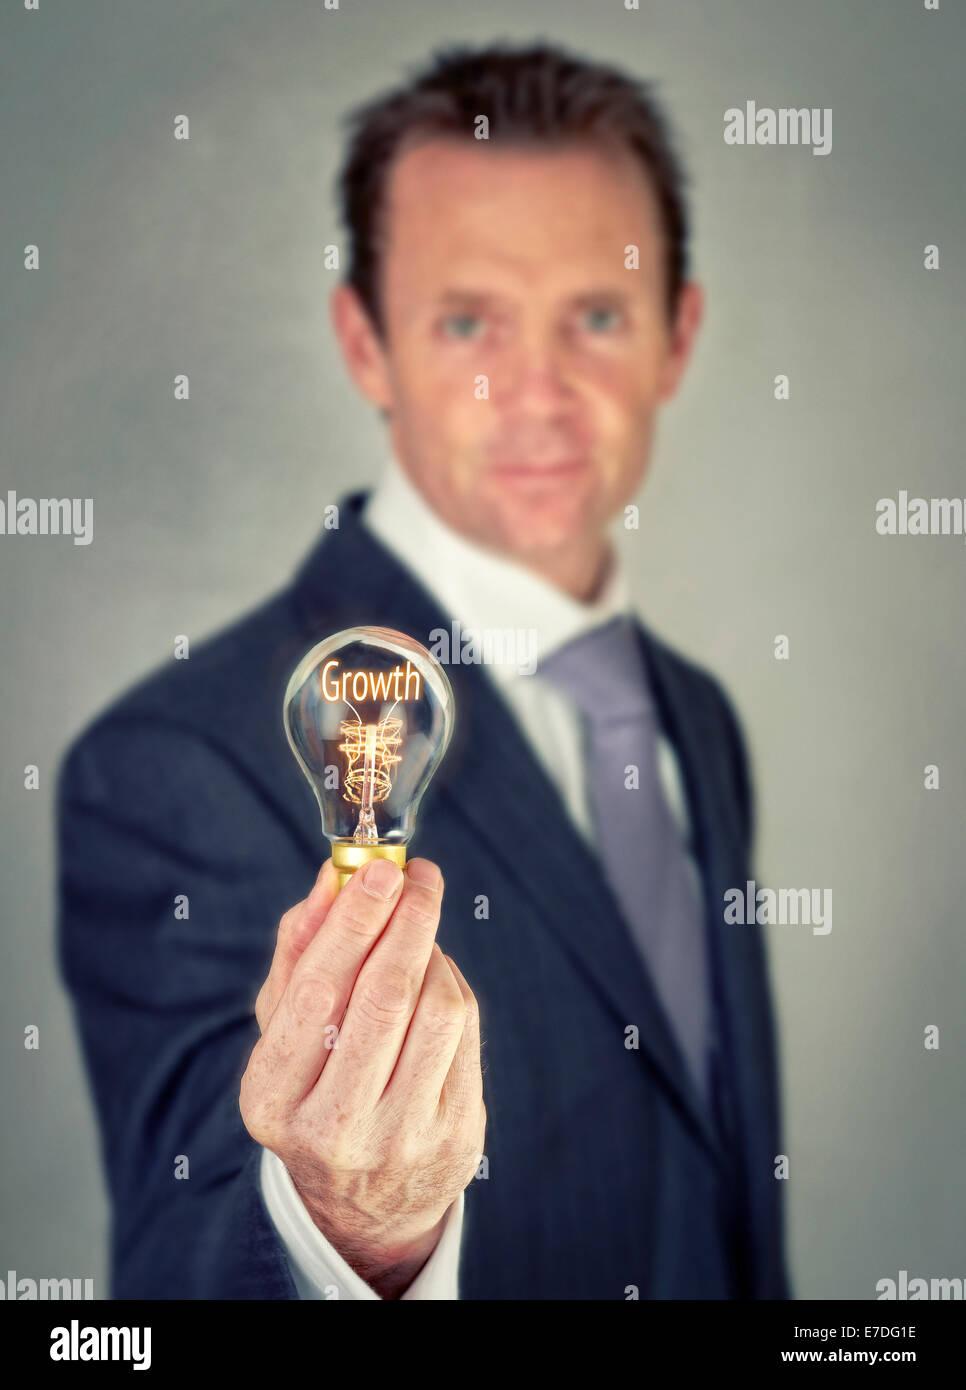 Empresario sosteniendo un concepto bombilla iluminada con la palabra crecimiento. Imagen De Stock